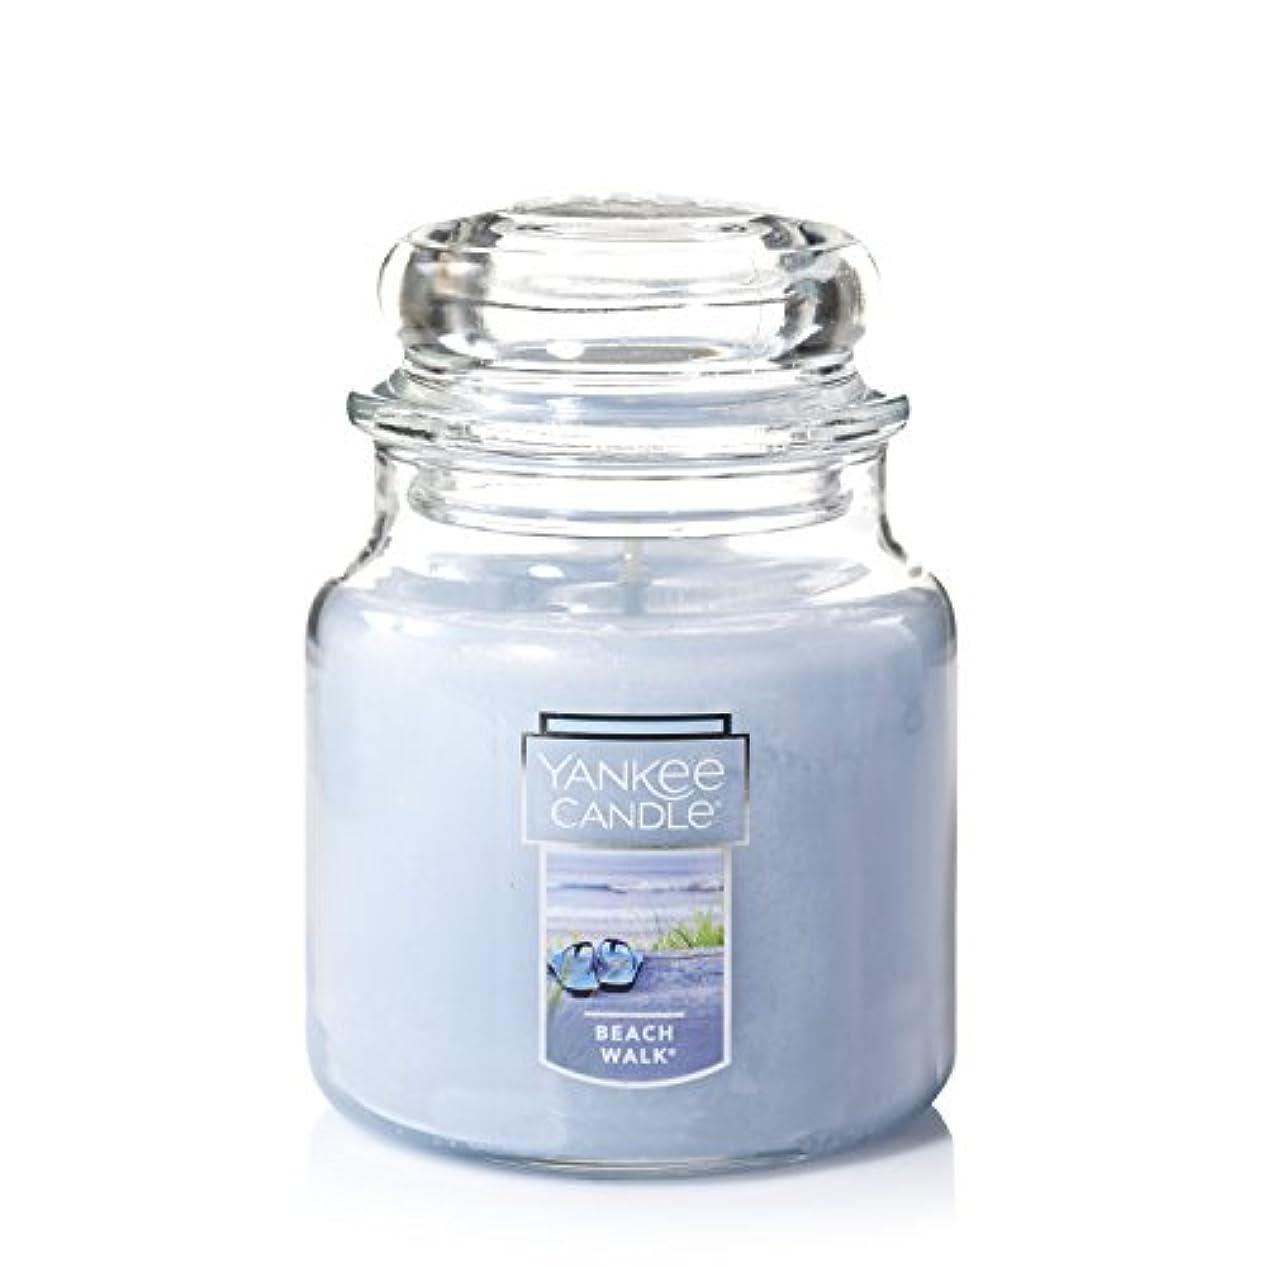 再生可能穿孔する送料(ヤンキーキャンドル) Yankee Candle Lサイズ ジャーキャンドル Medium Jar Candle 1129791Z